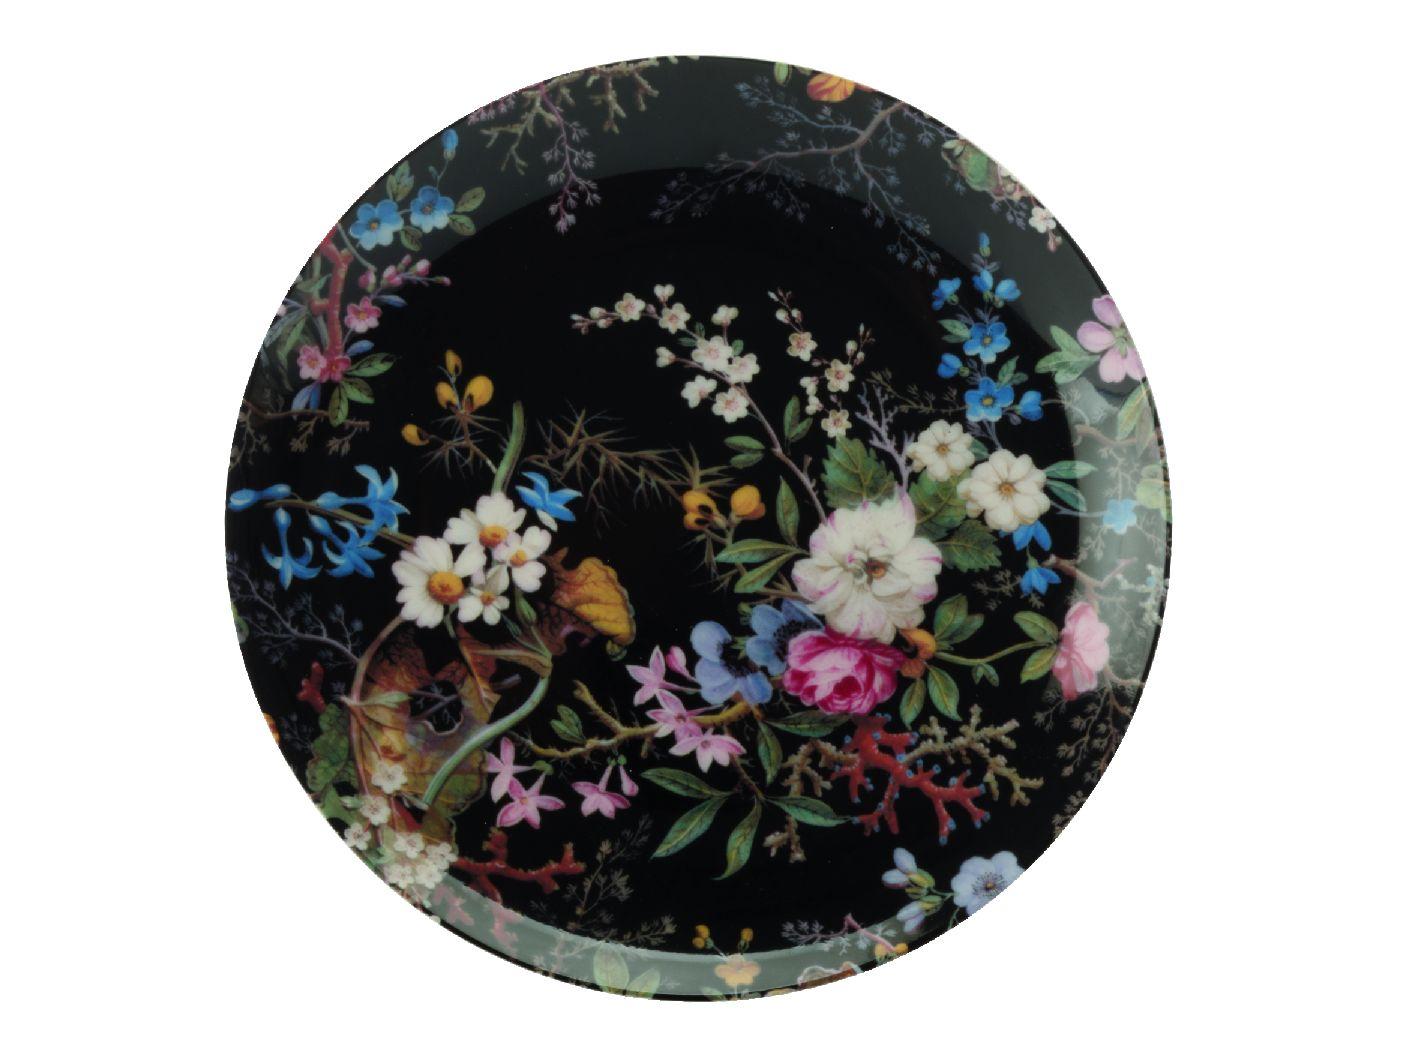 Dezertní talíř Midnight Blossom 20 cm William Kilburn - Maxwell&Williams